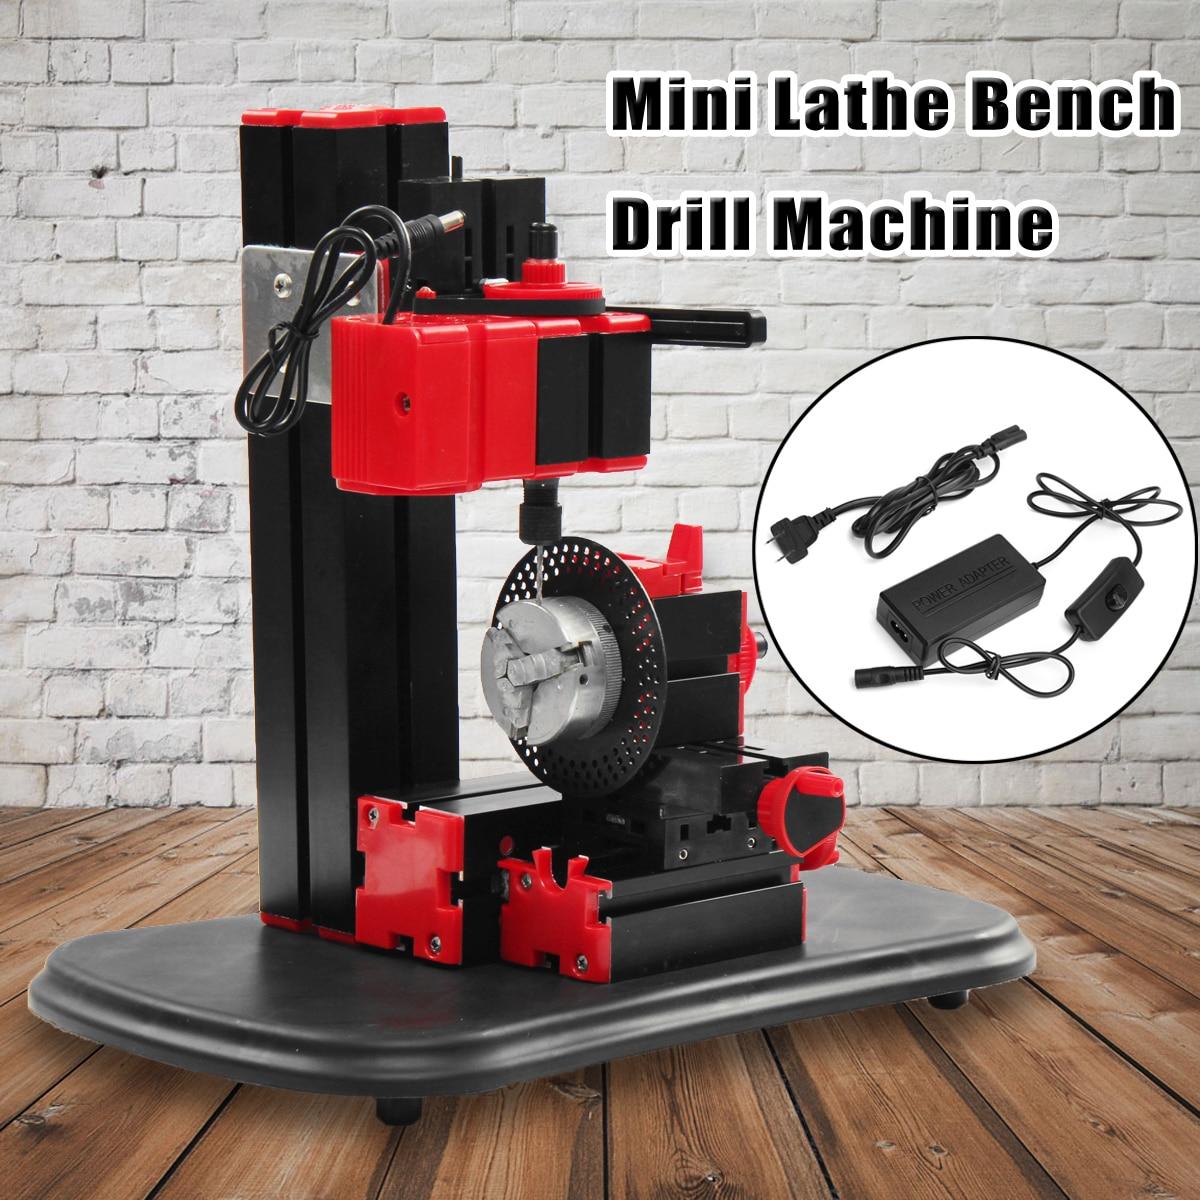 110 v-240 v Mini Torno Máquina Furadeira de Bancada Furadeira Elétrica DIY Modelo de Madeira Fazendo Ferramenta Torno Fresadora kit